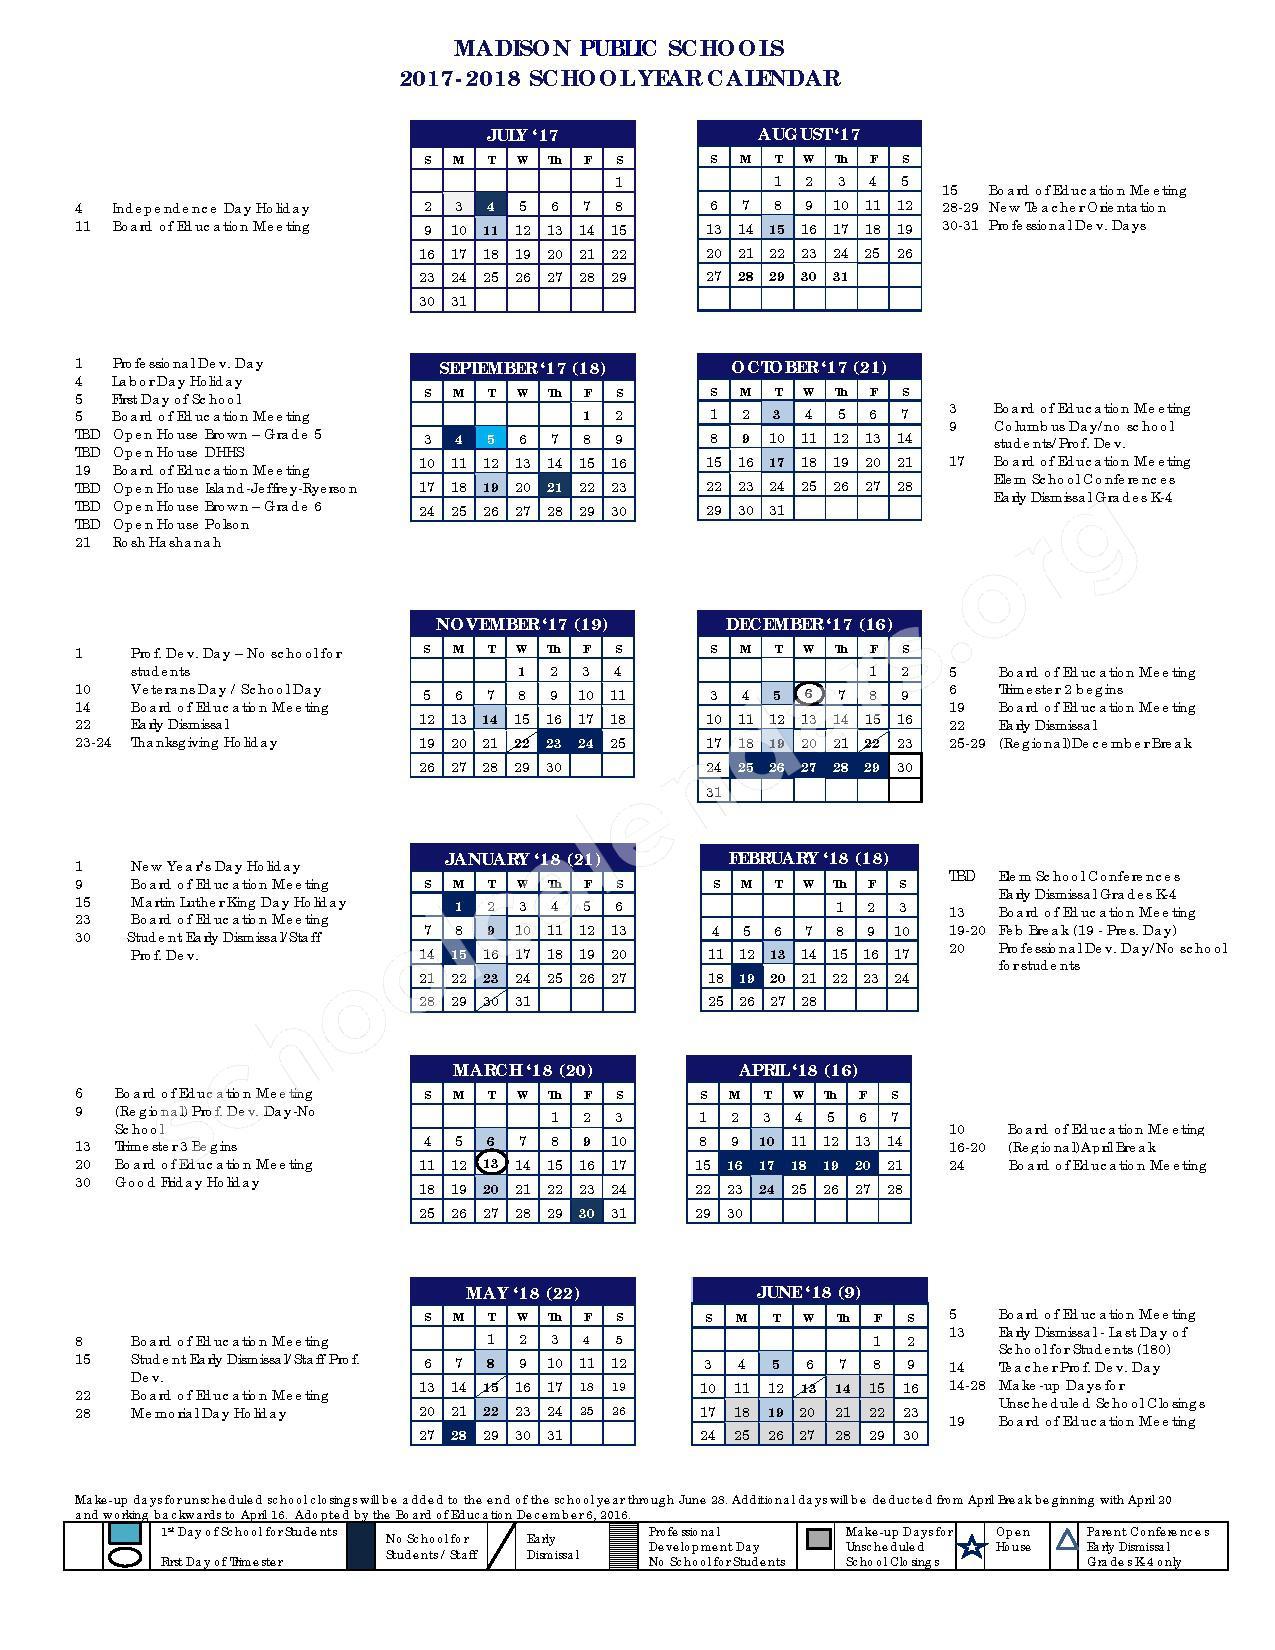 2017 - 2018 District Calendar – Madison Public Schools – page 1